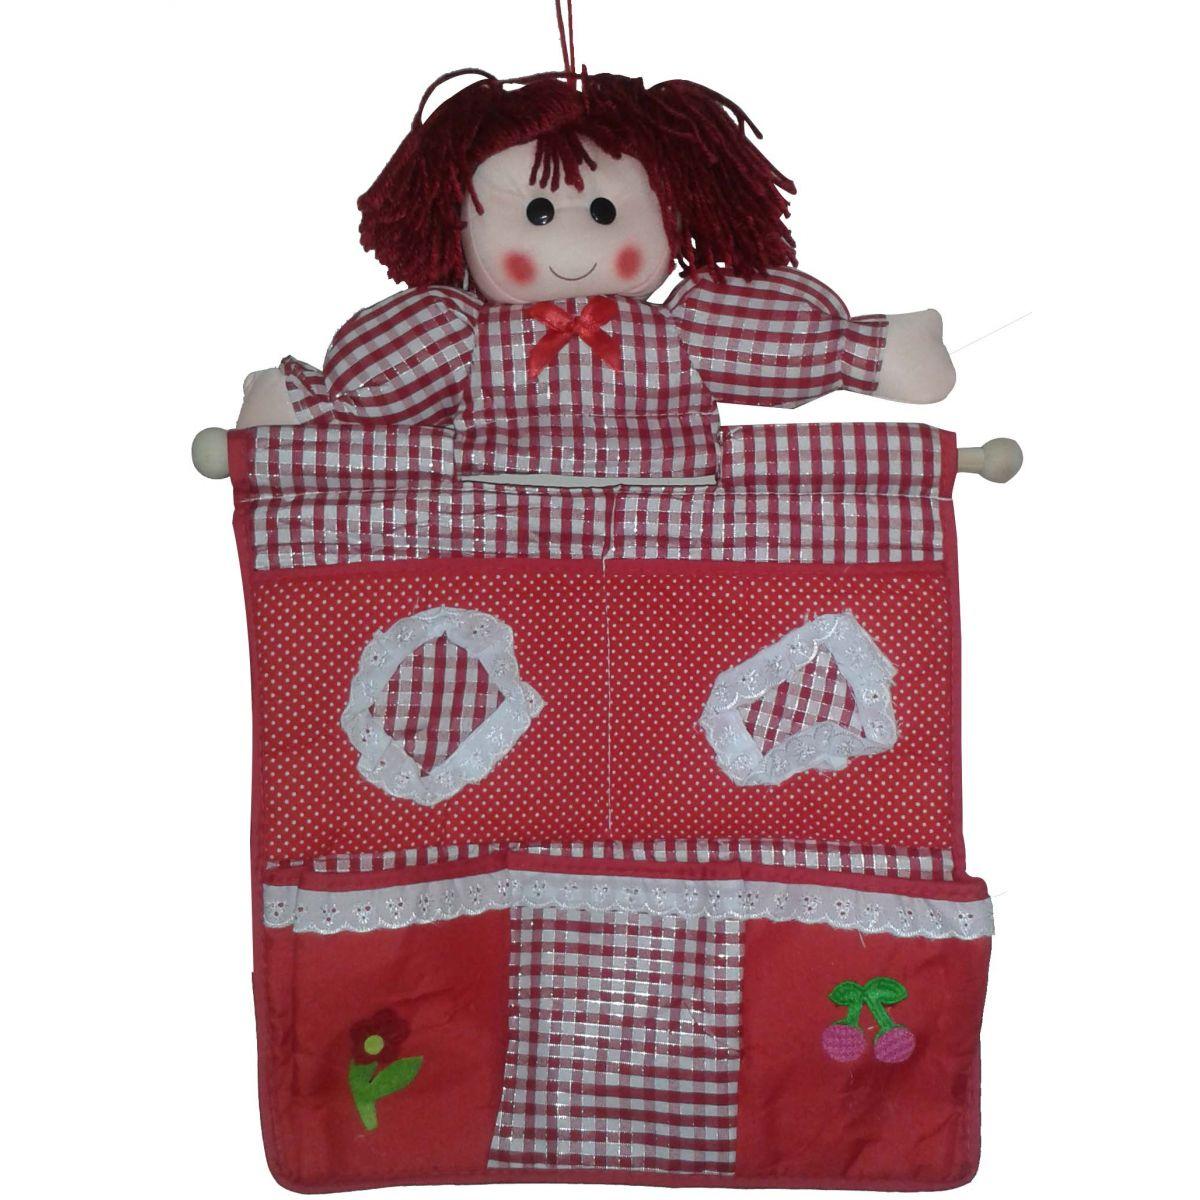 Porta Objetos Organizador Bonequiha com 4 bolsos - Frete Grátis.